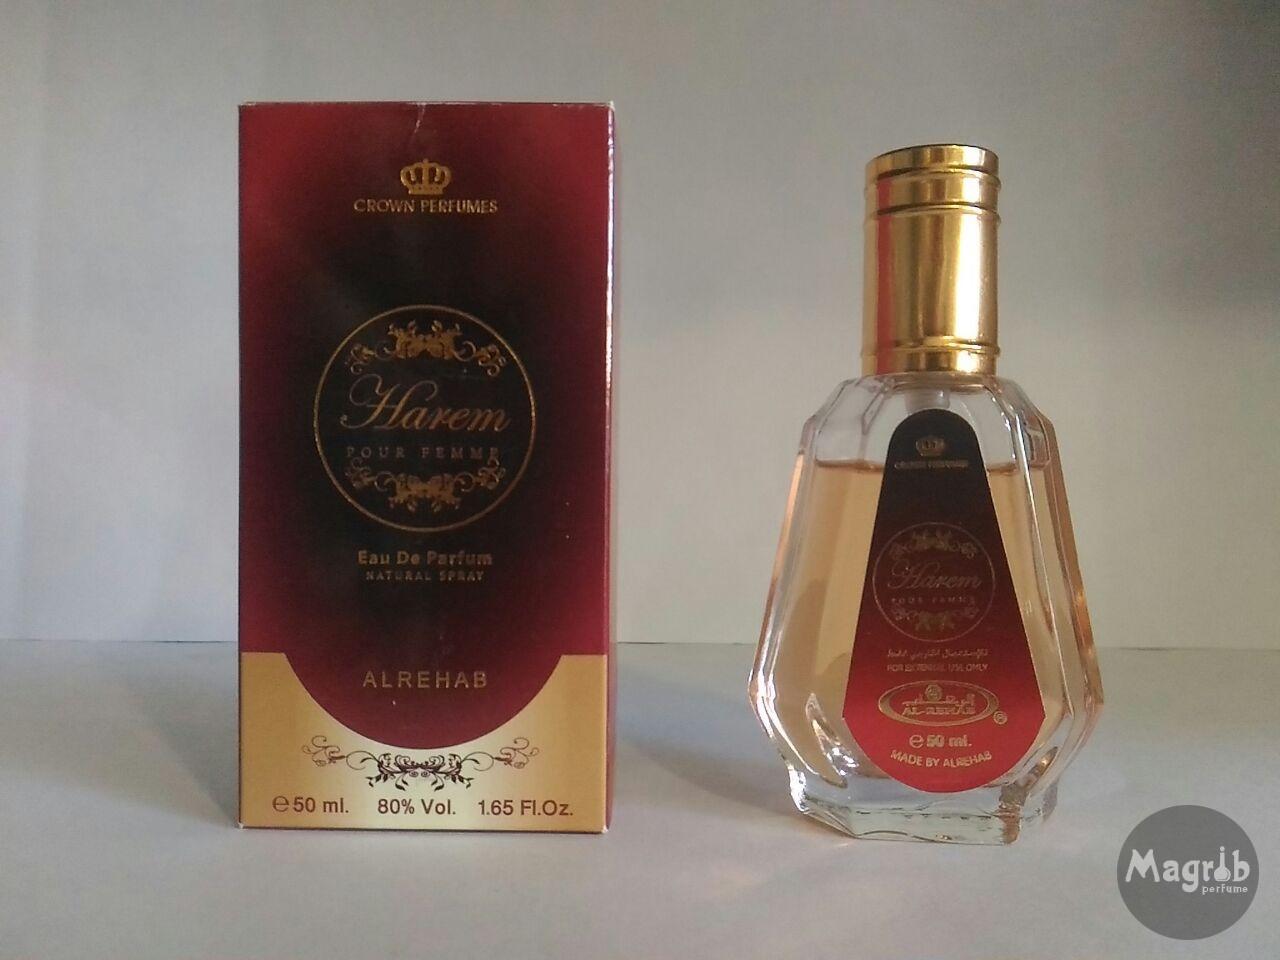 Al-Rehab-Harem 50ml- парфюм.